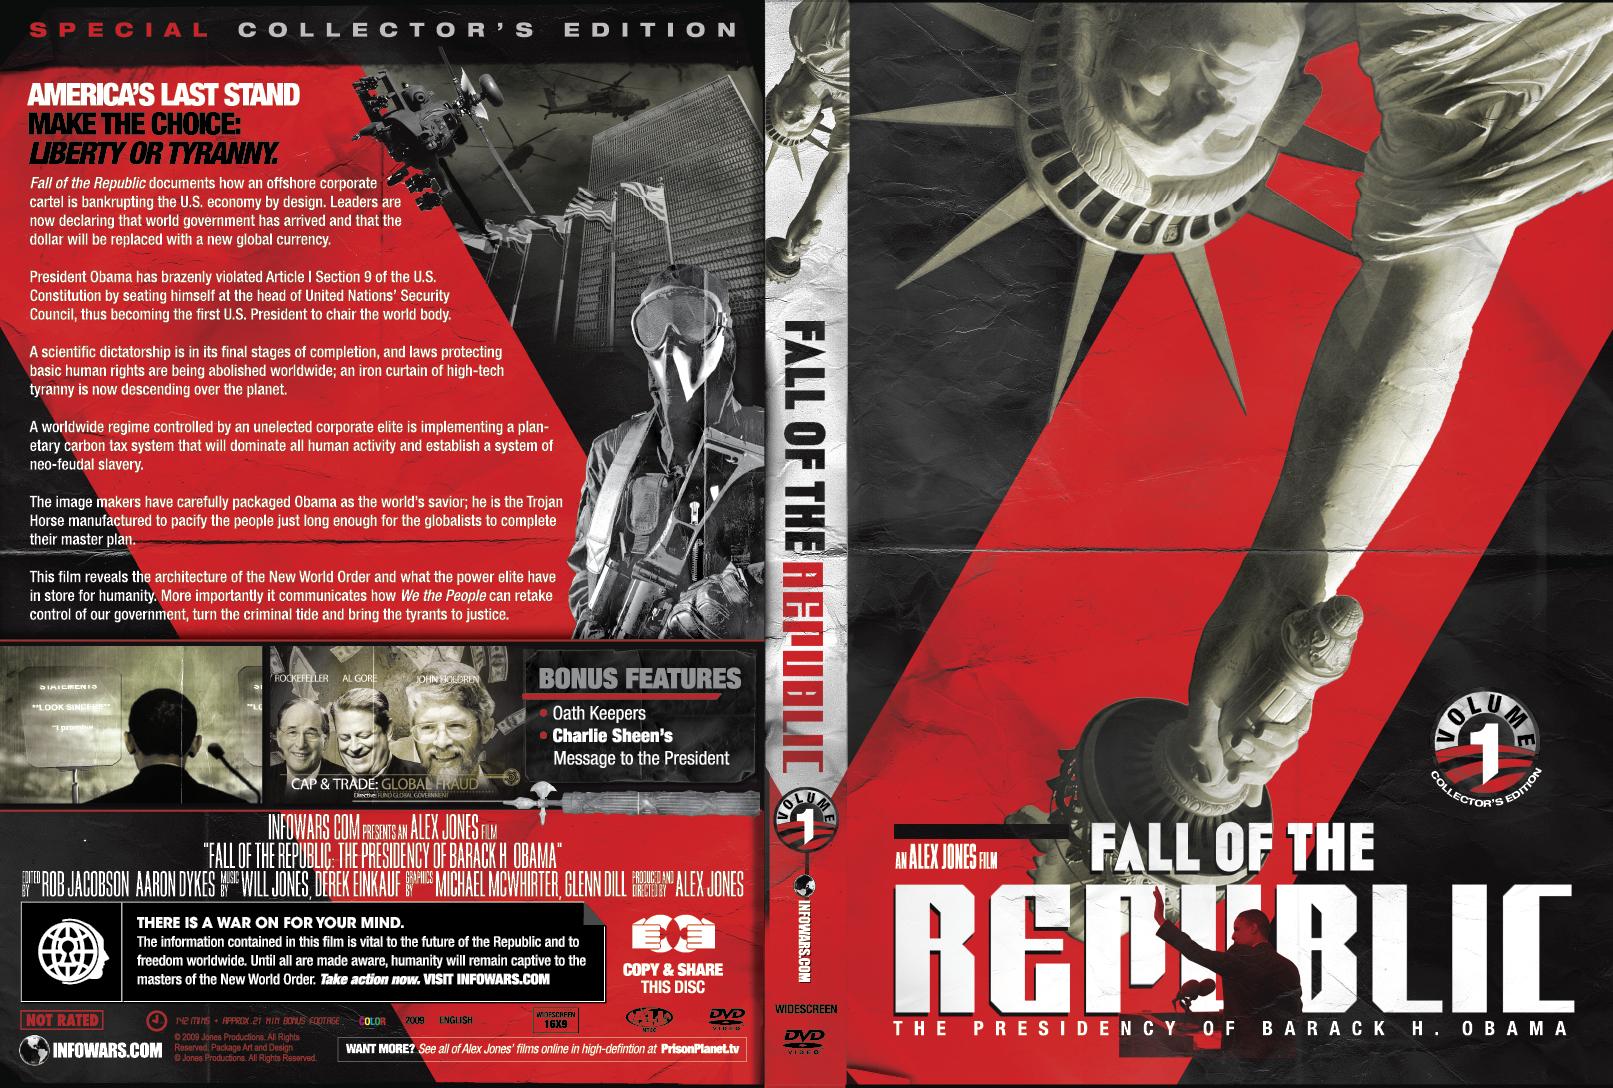 Fall_Of_The_Republic.jpg